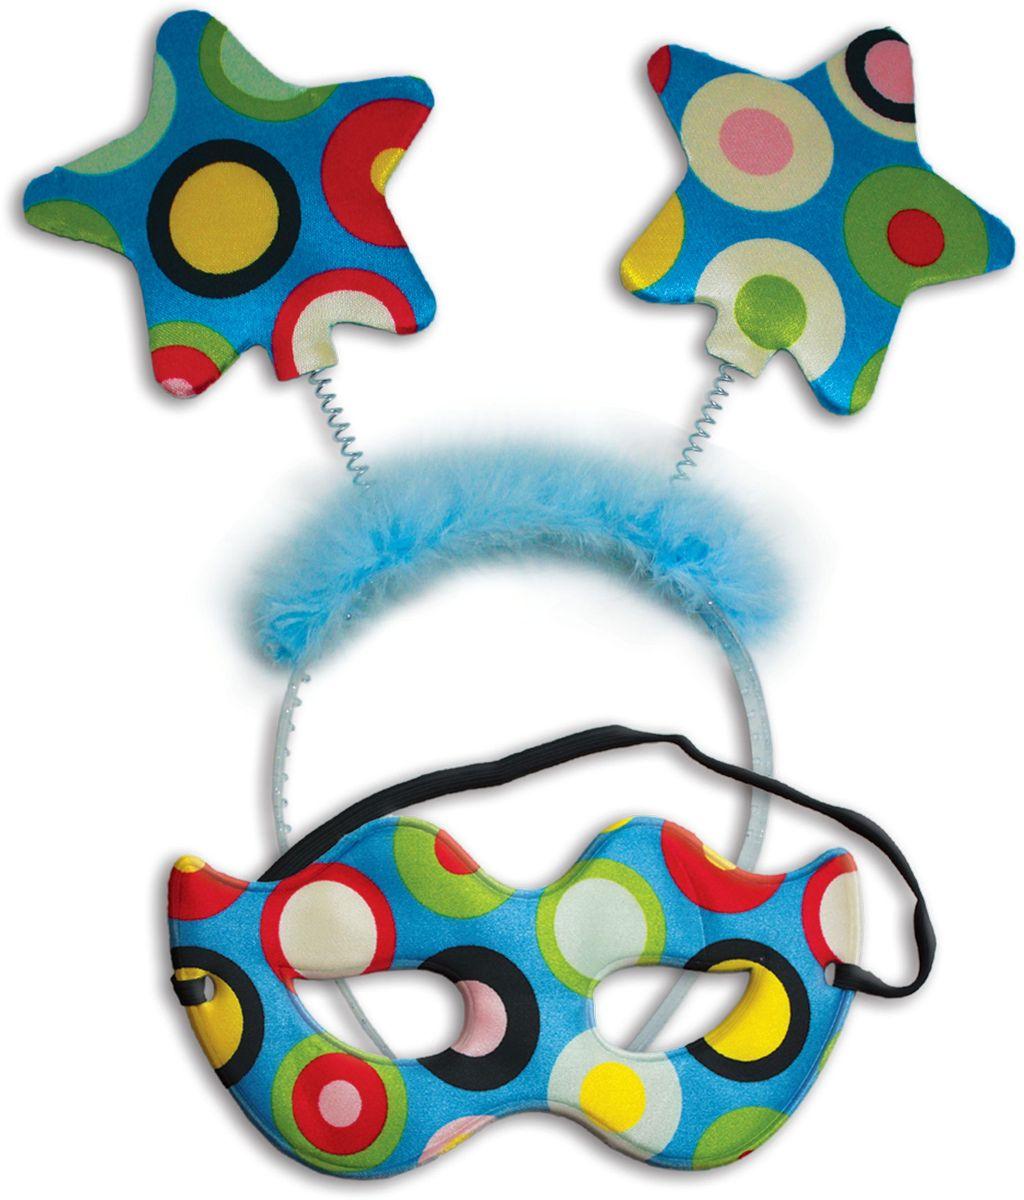 Partymania Карнавальный набор Маска и ободок со звездочками цвет разноцветный -  Аксессуры для карнавальных костюмов